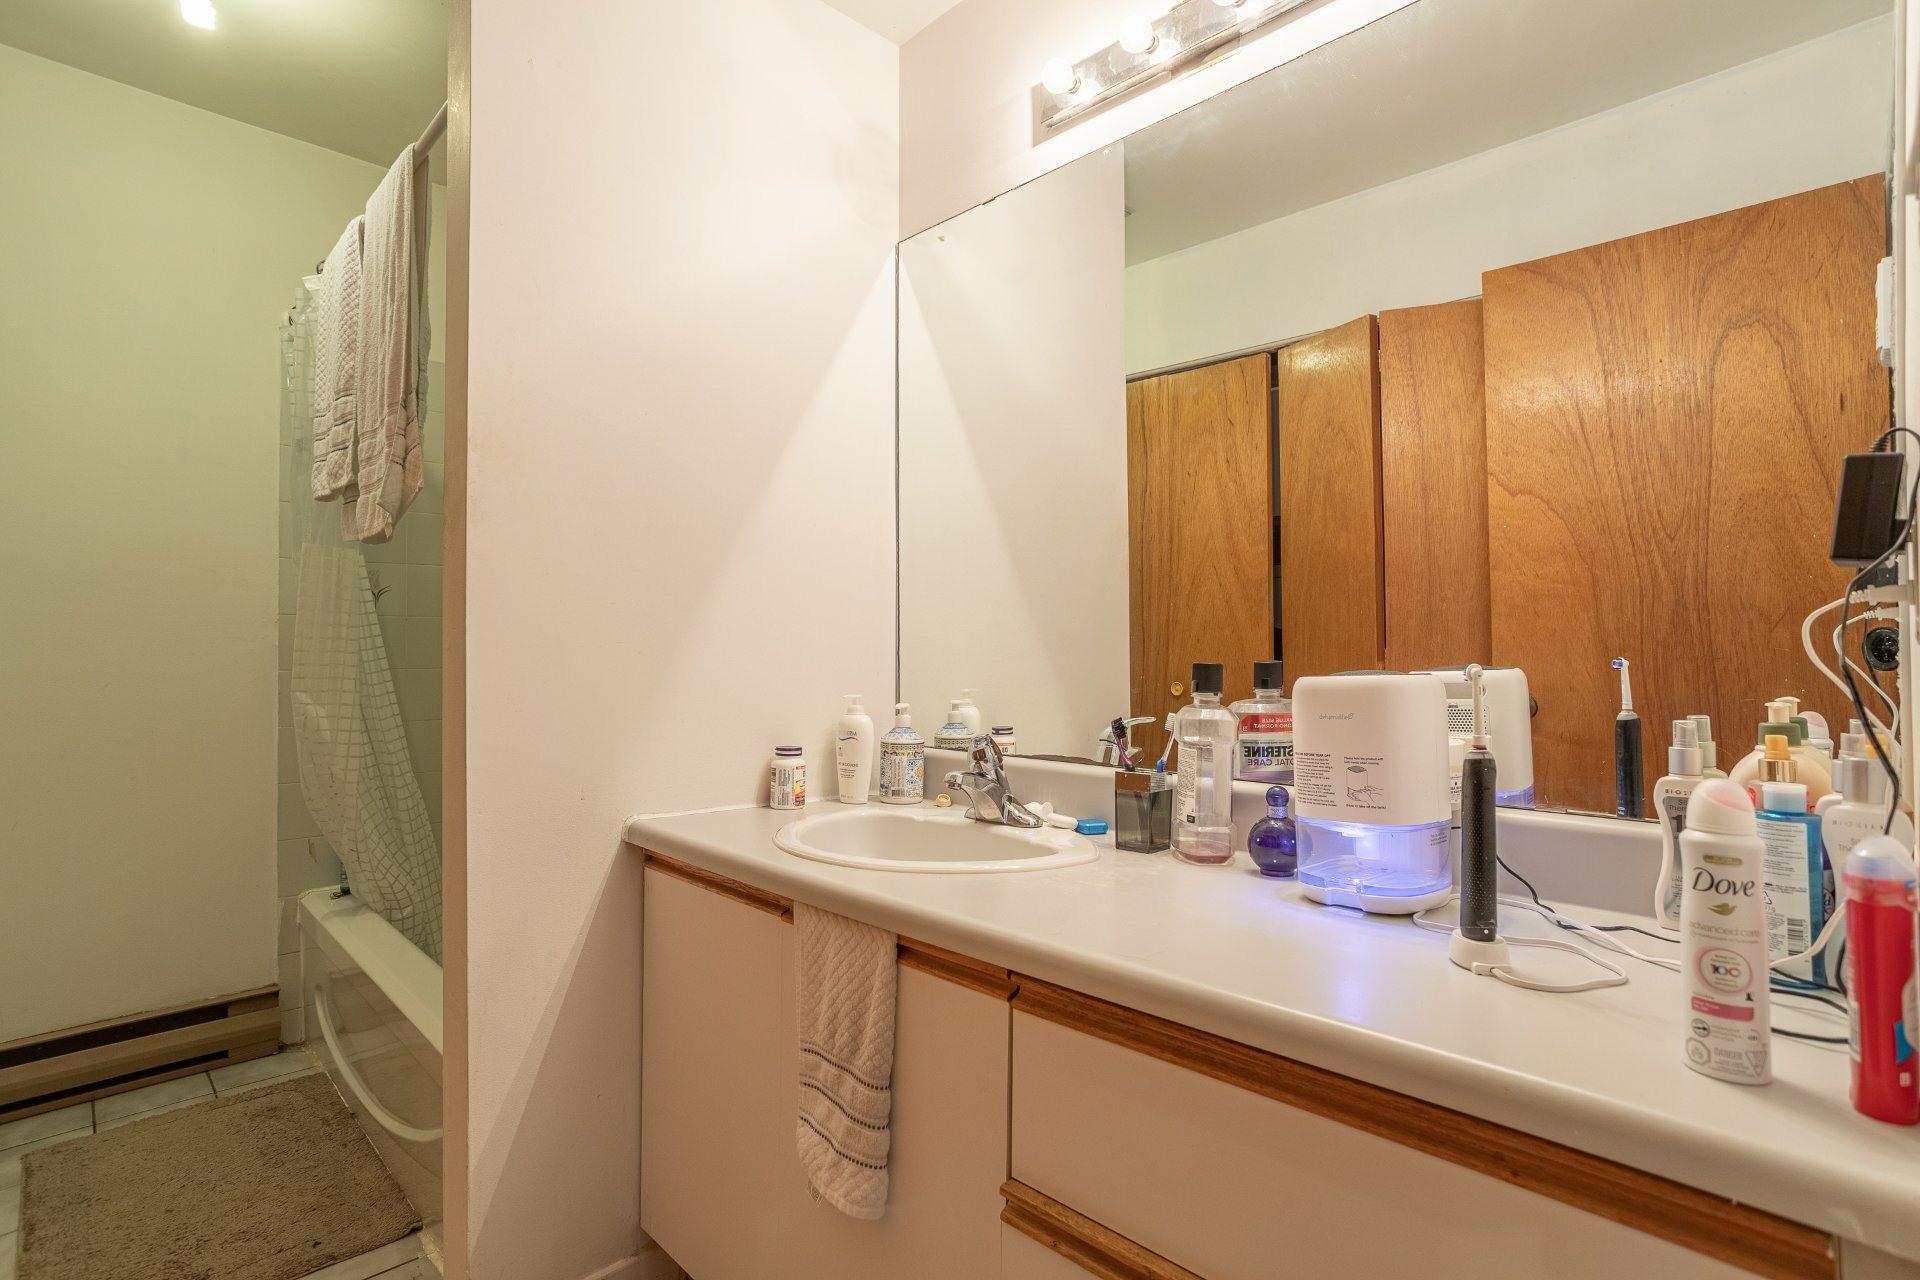 image 24 - Quadruplex For sale Mercier/Hochelaga-Maisonneuve Montréal  - 4 rooms